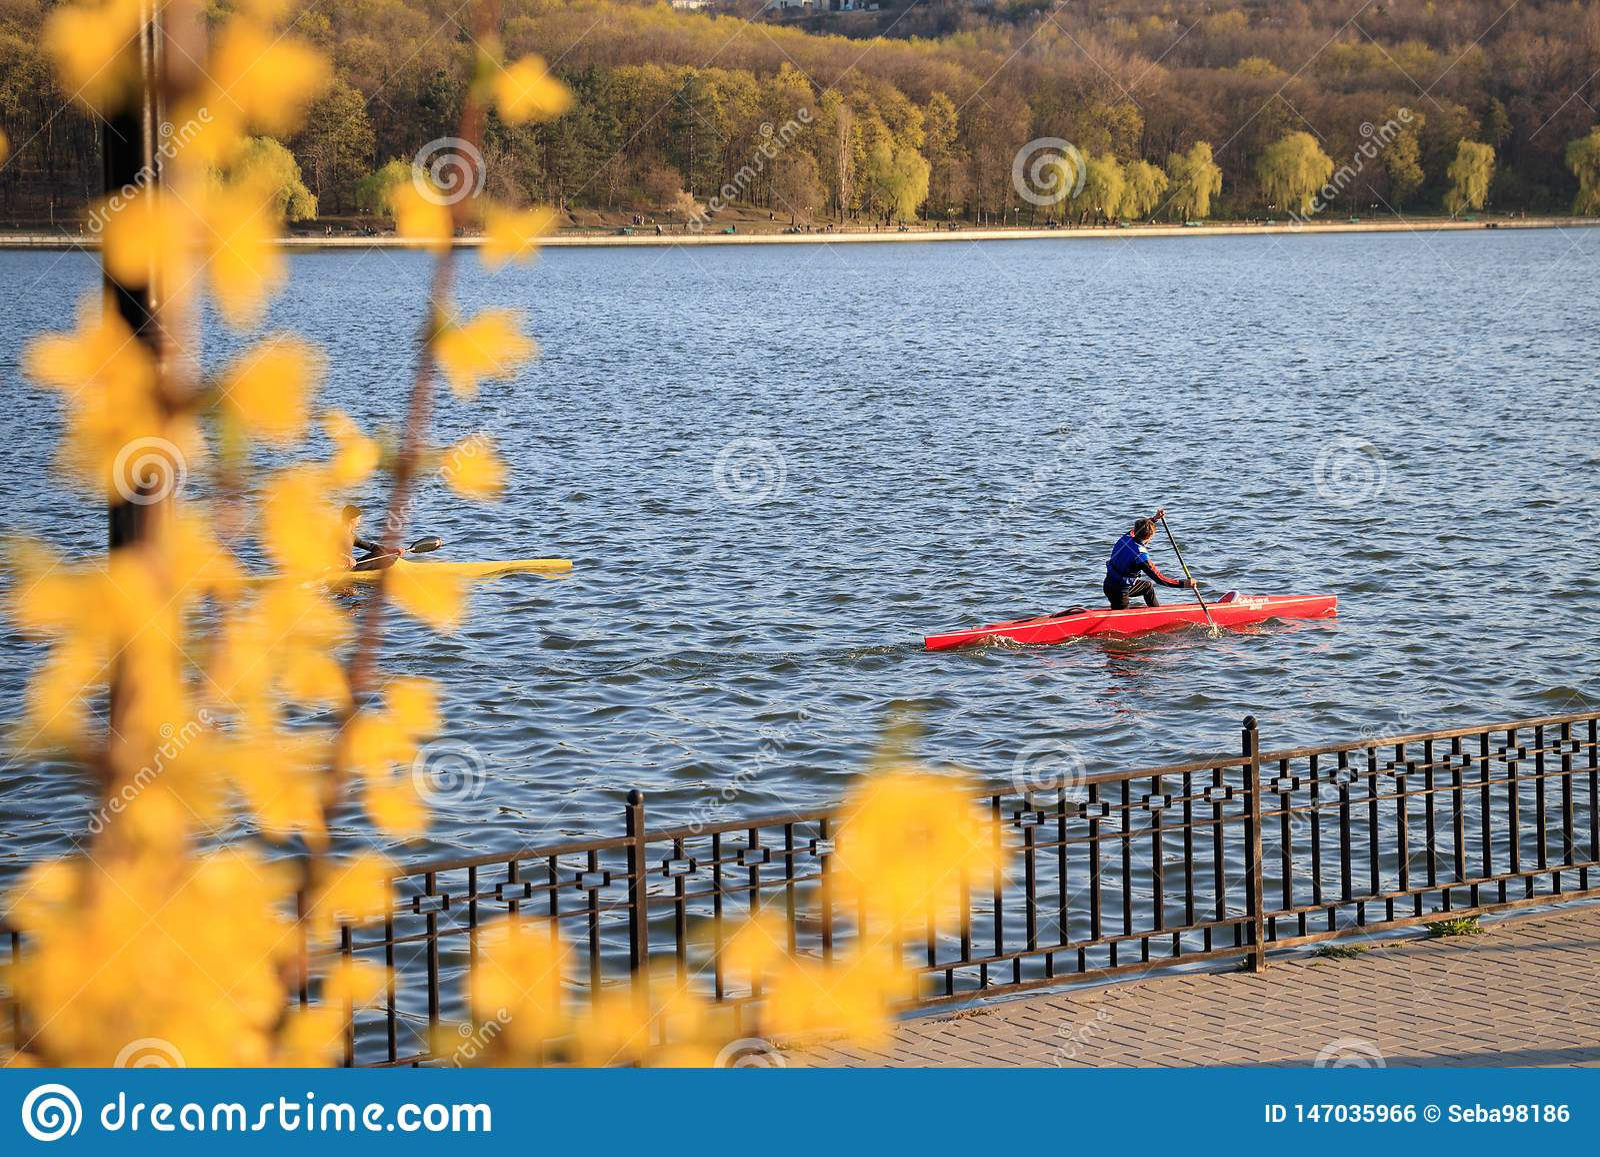 Deux hommes montent un kayak